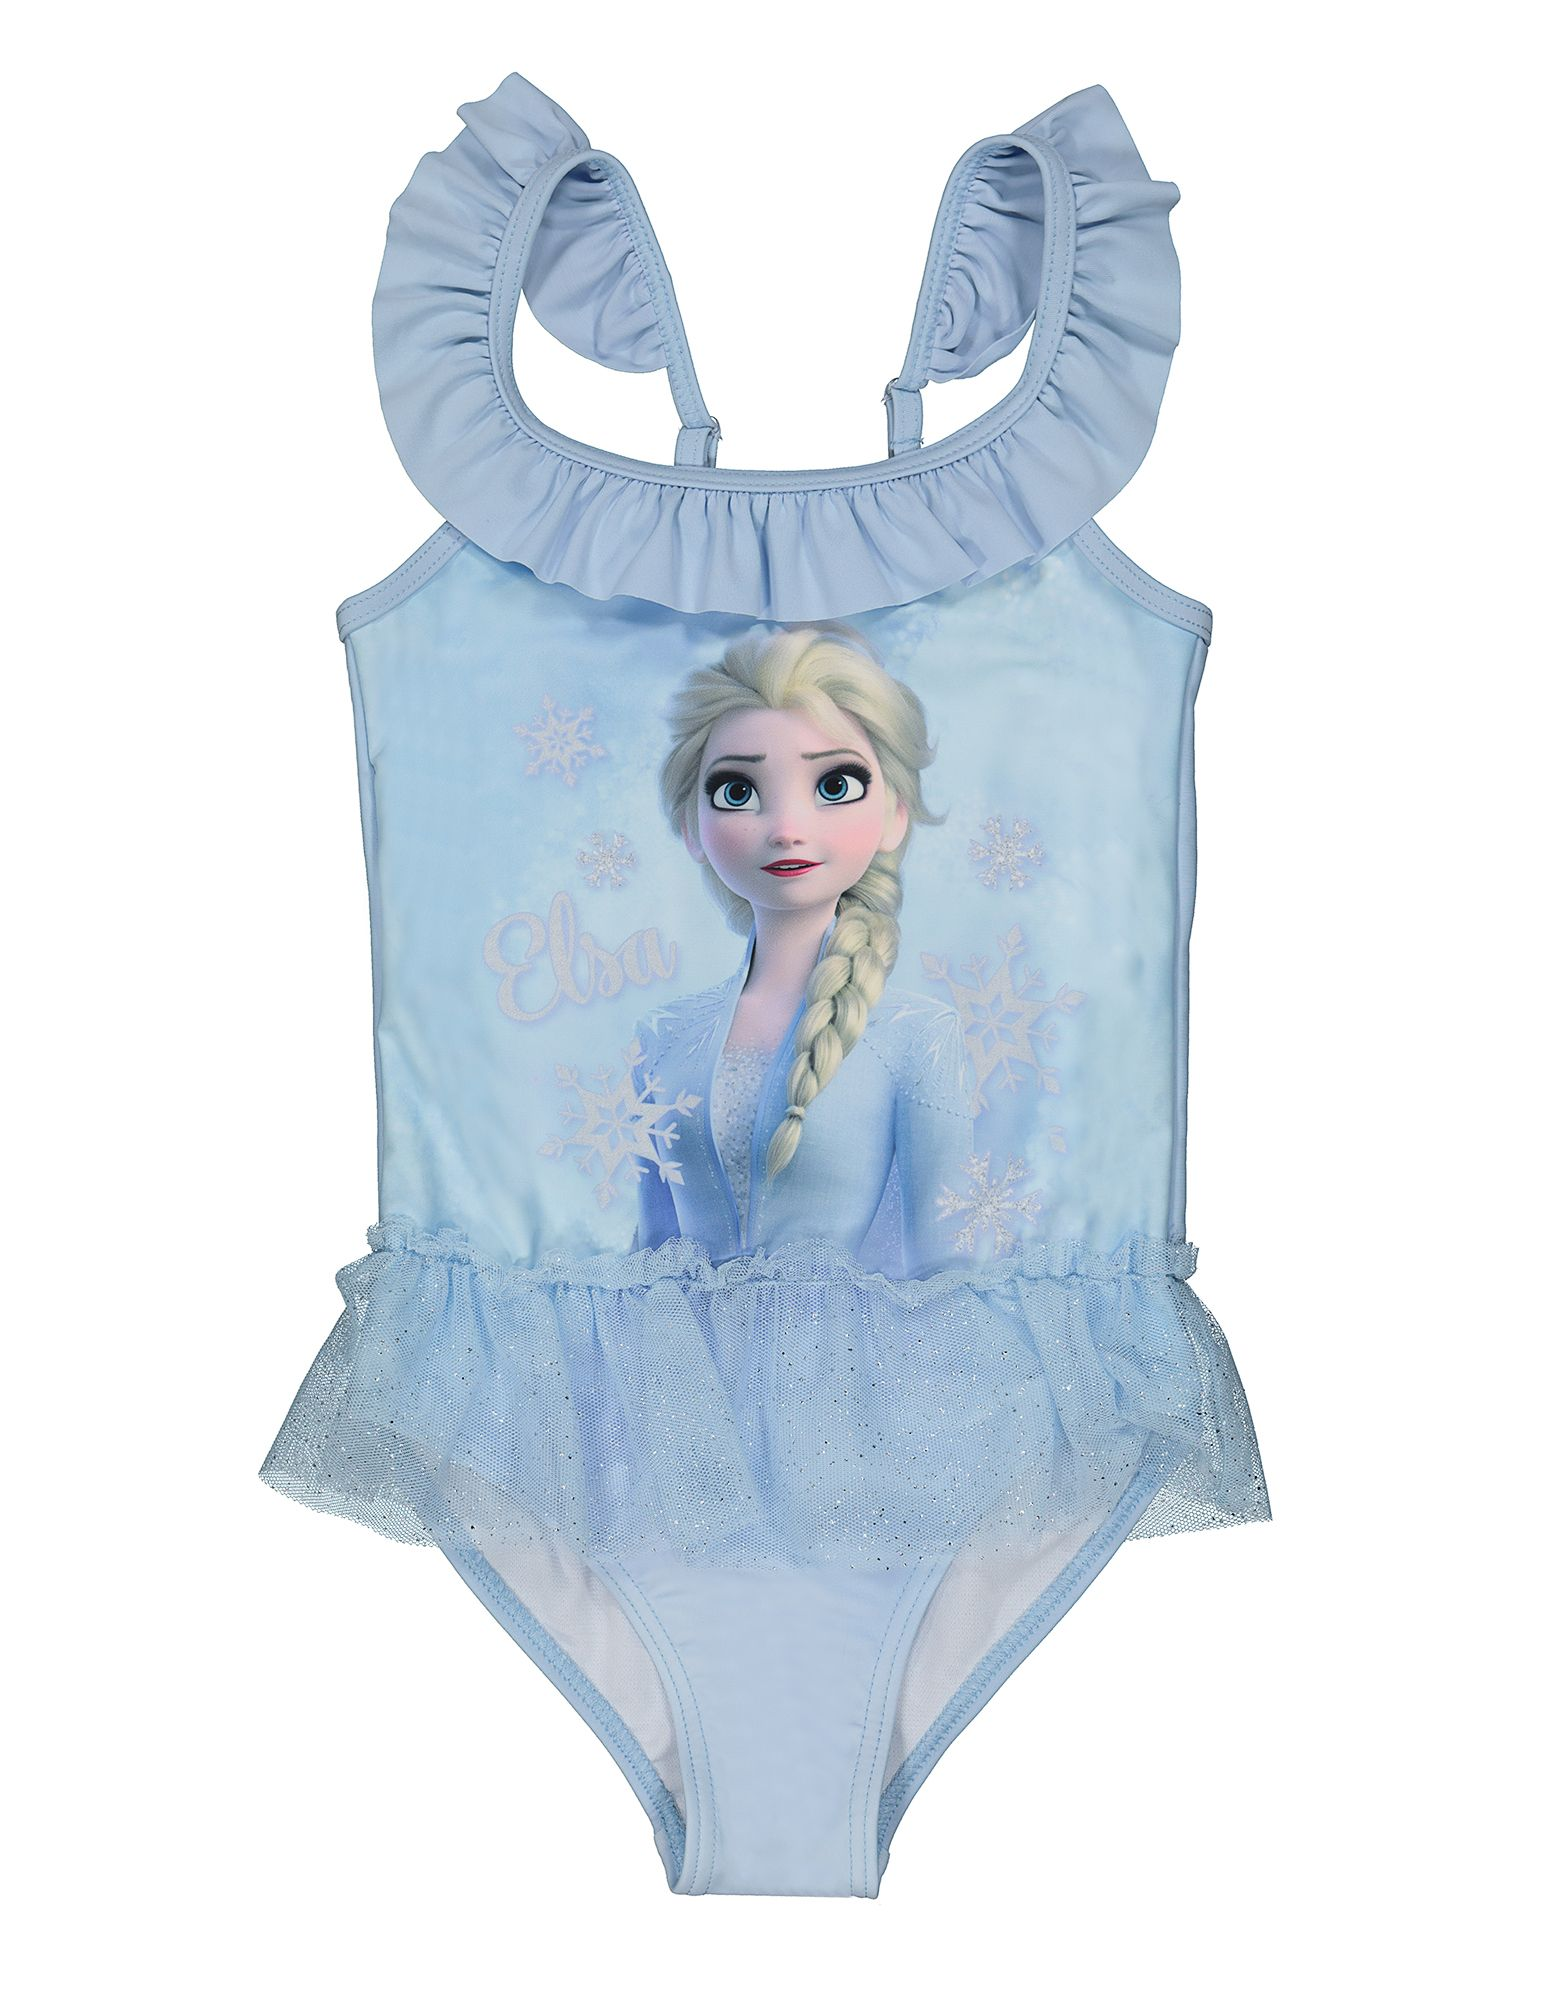 Disney Frozen Die Eiskonigin Badeanzug Fur Unsere Kleinen Madchen Mit Elsa Print In Blau In 2020 Modestil Badeanzug Kleine Madchen